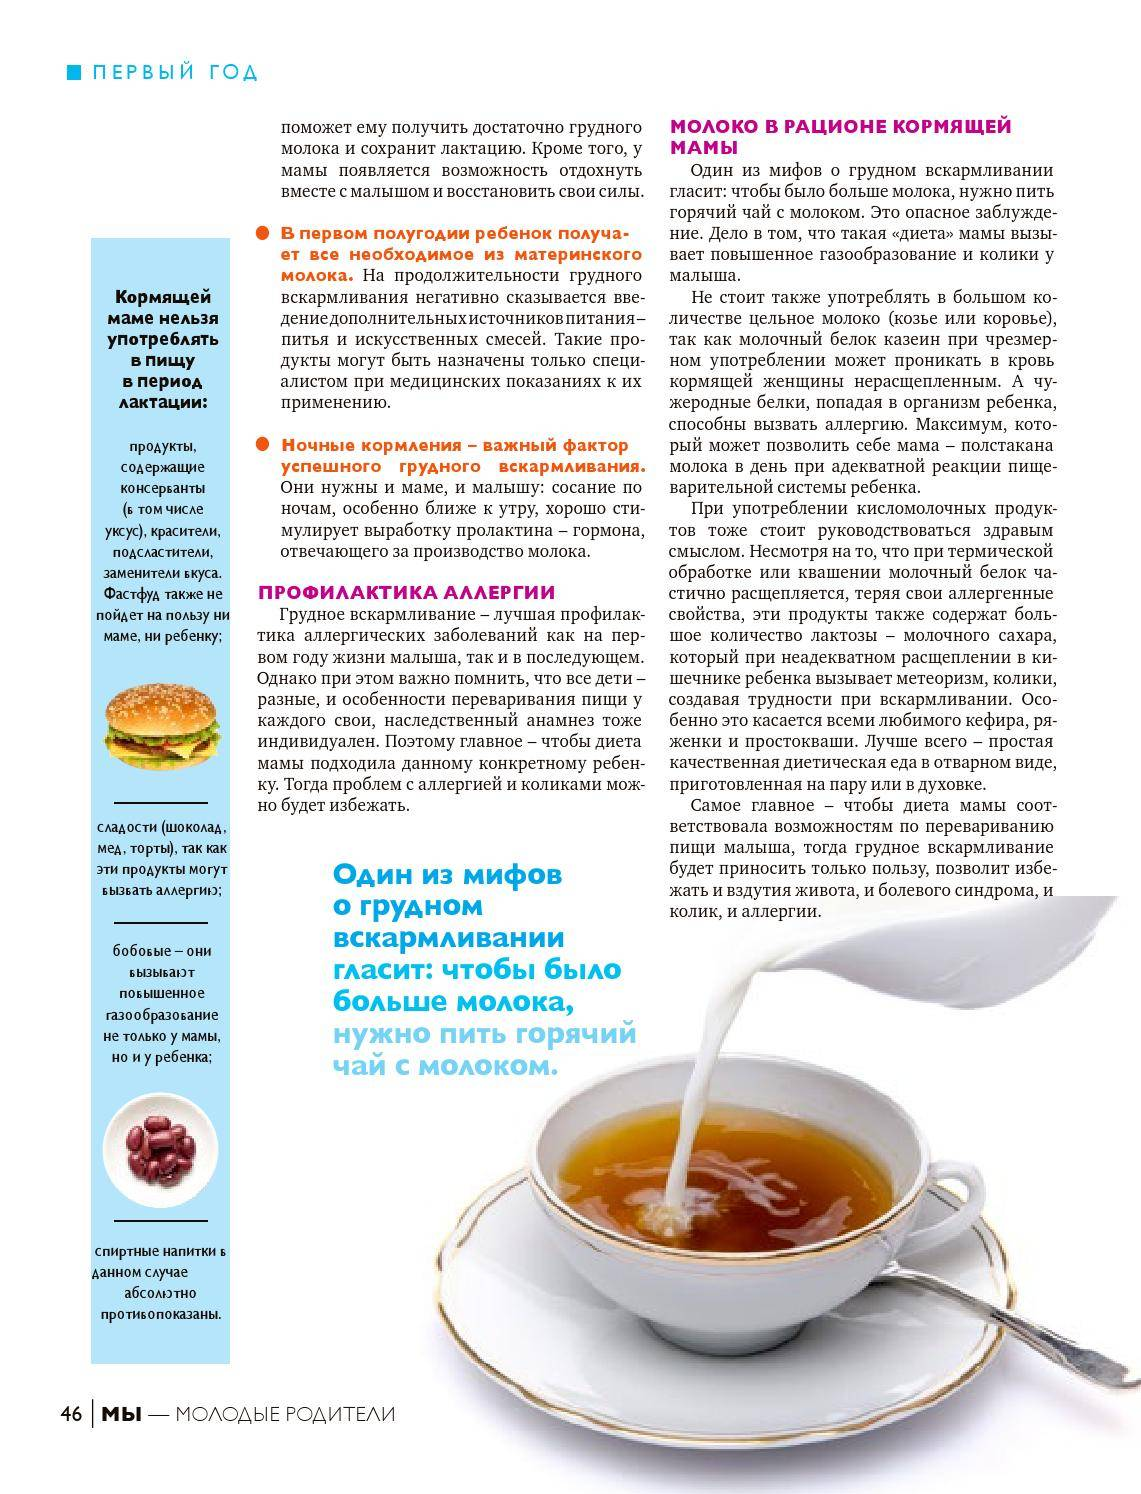 Продукты, увеличивающие лактацию: мифы иреальные способы повышения продукции молока